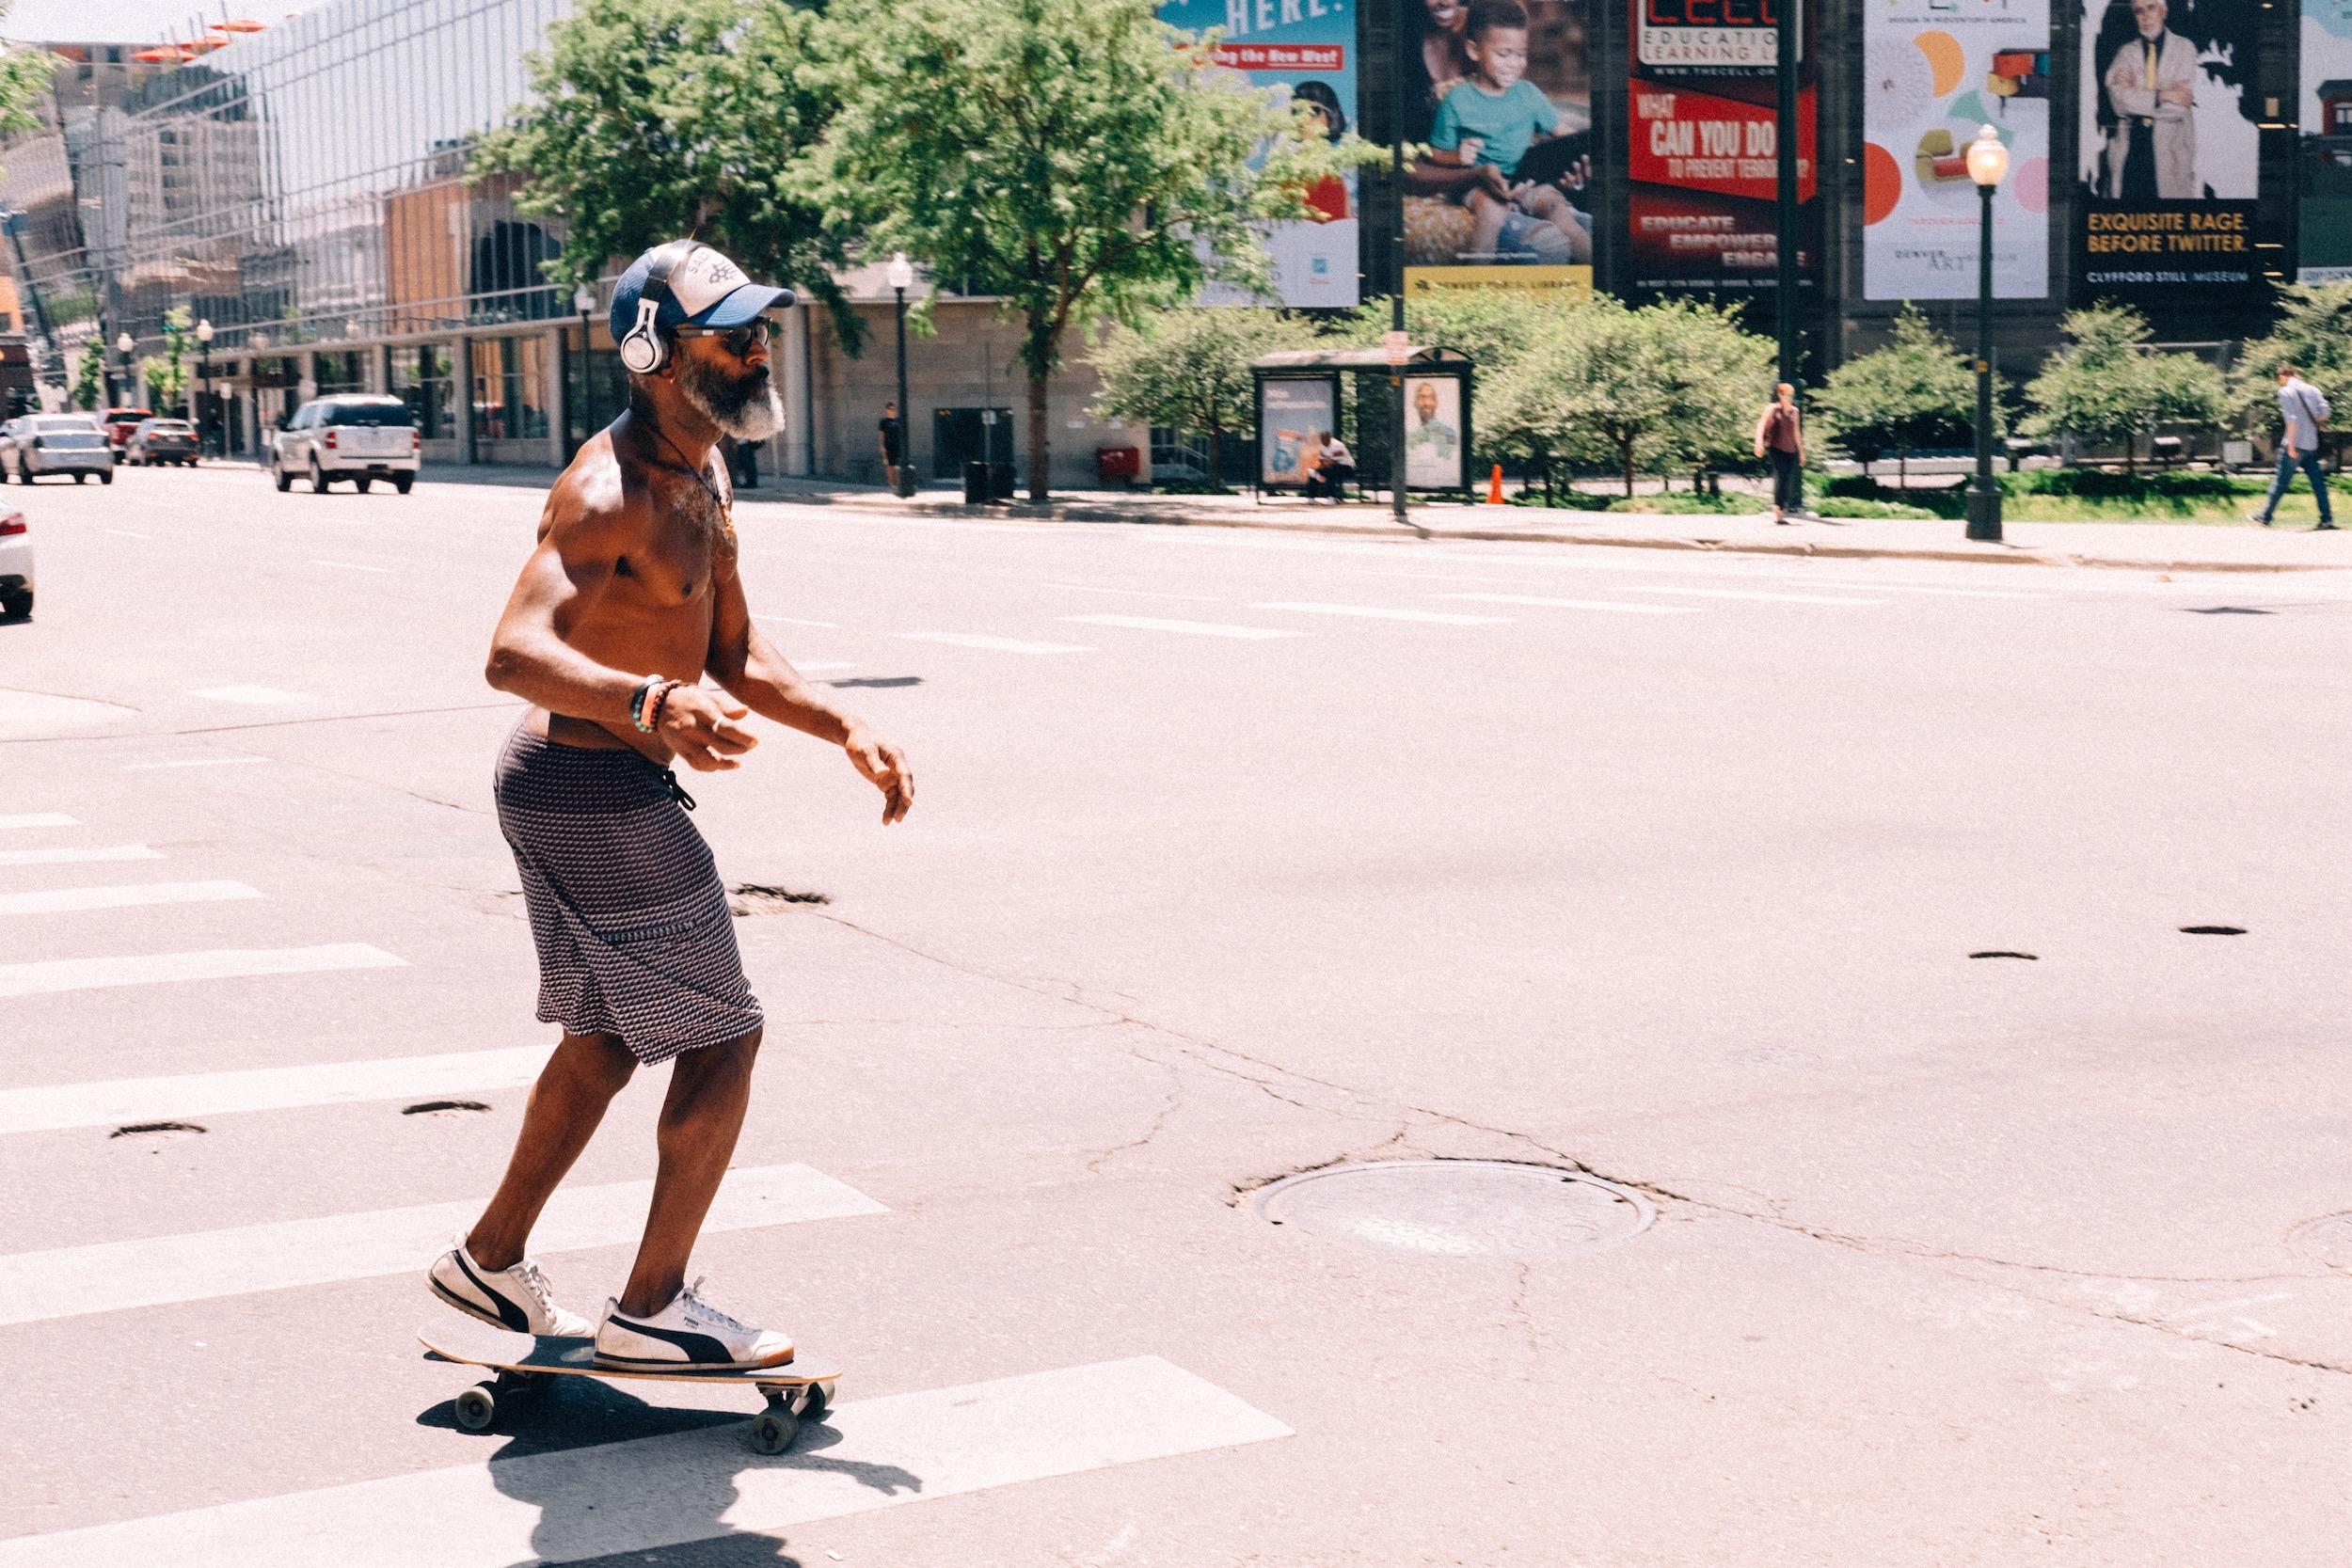 Denver Cap Hill Street Photography - 10.jpeg